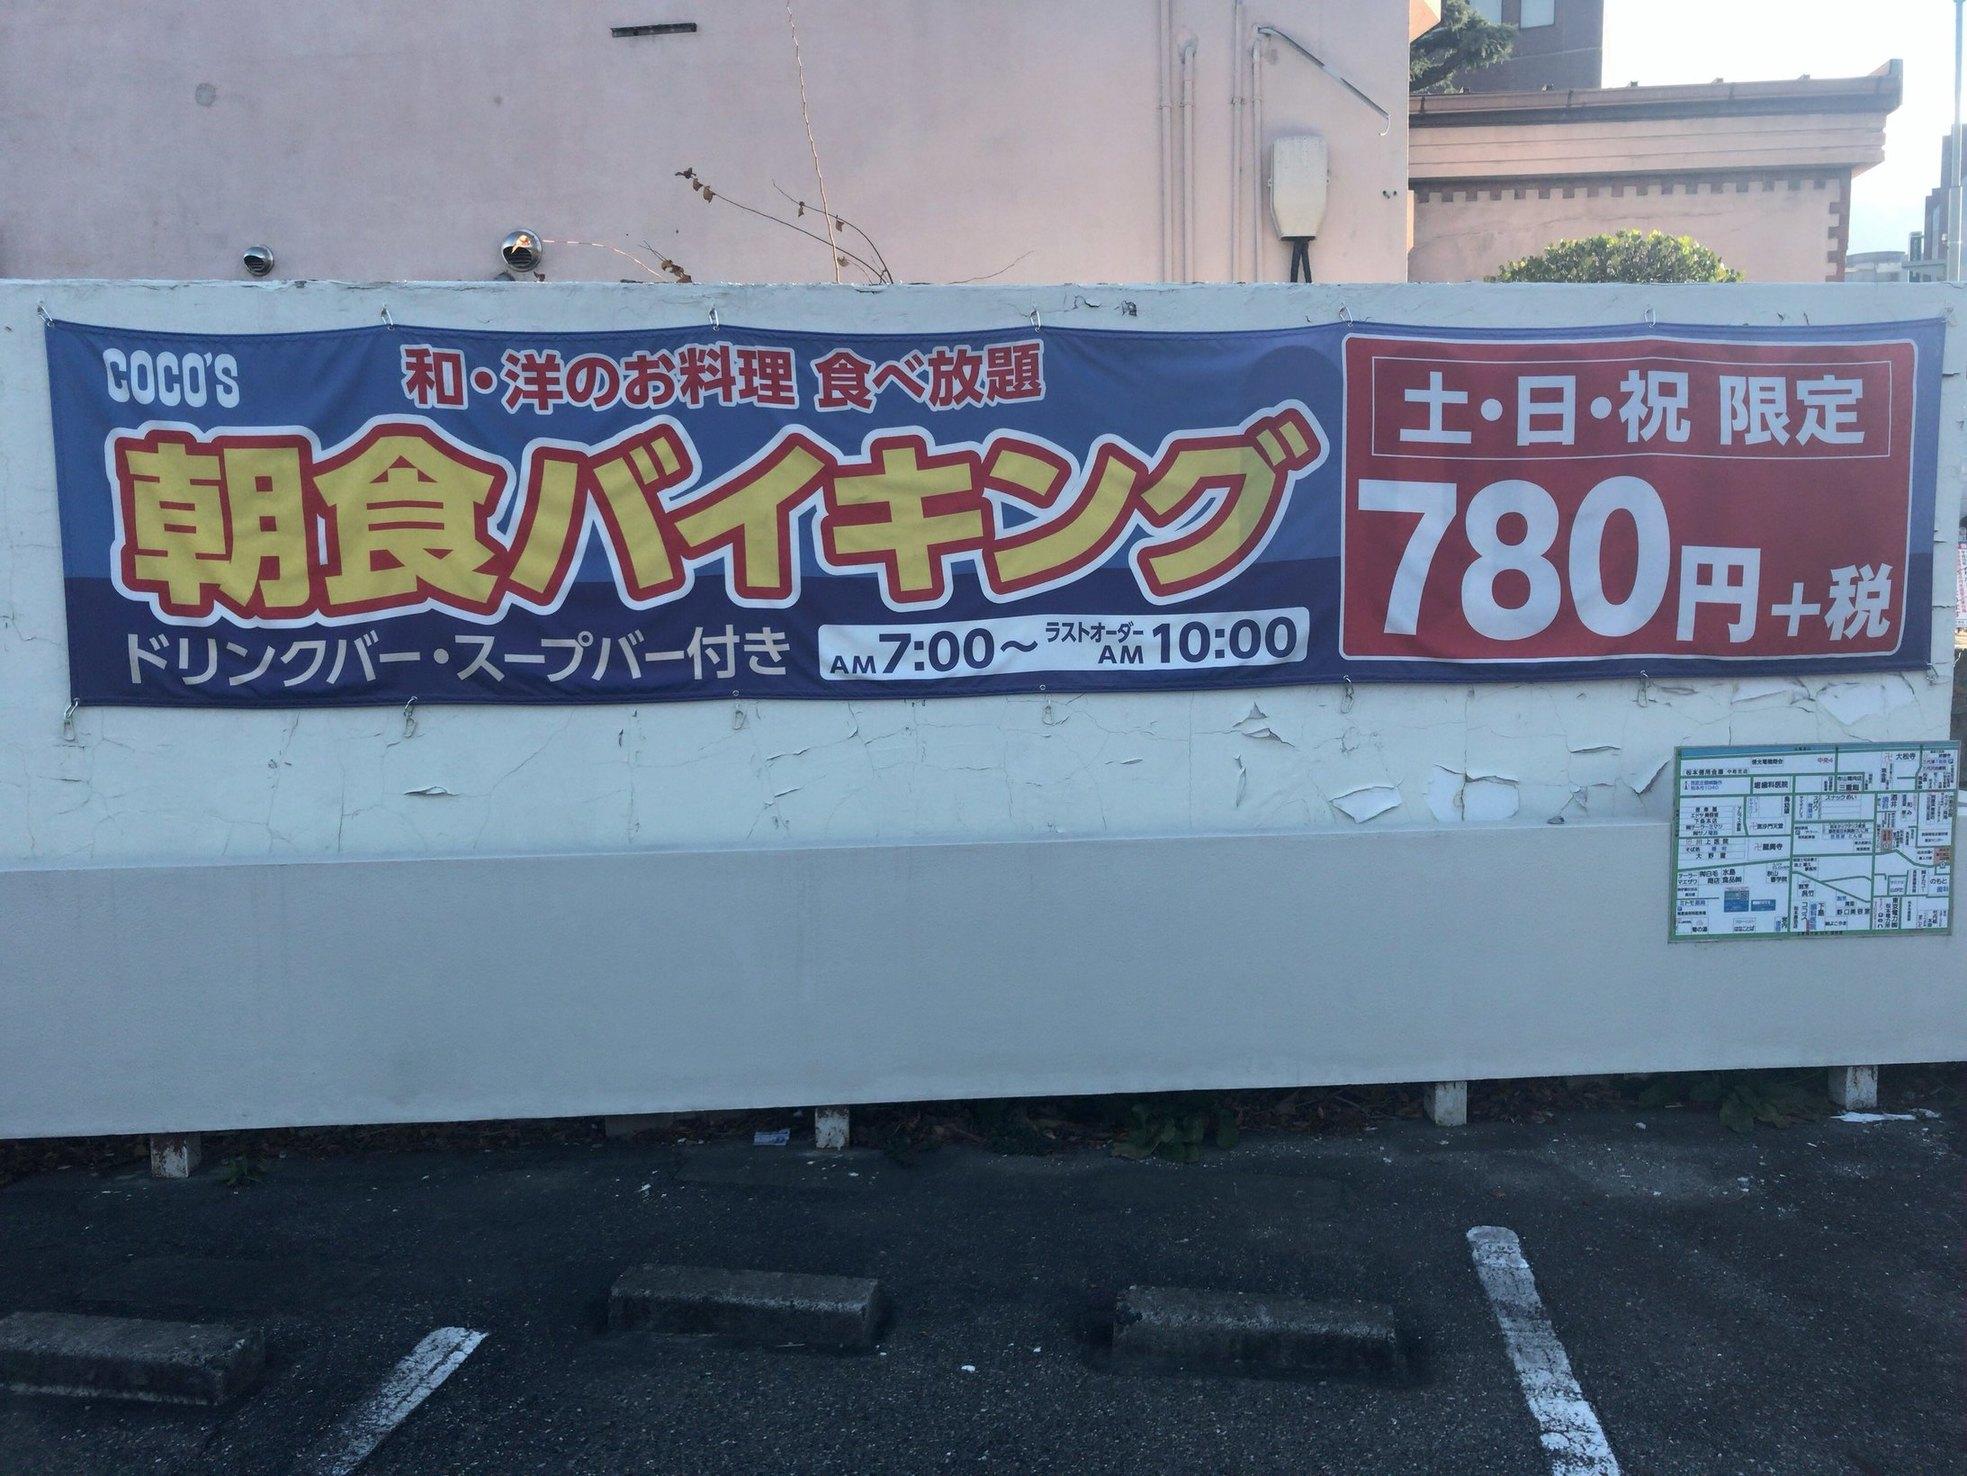 ココス 松本源池店 name=